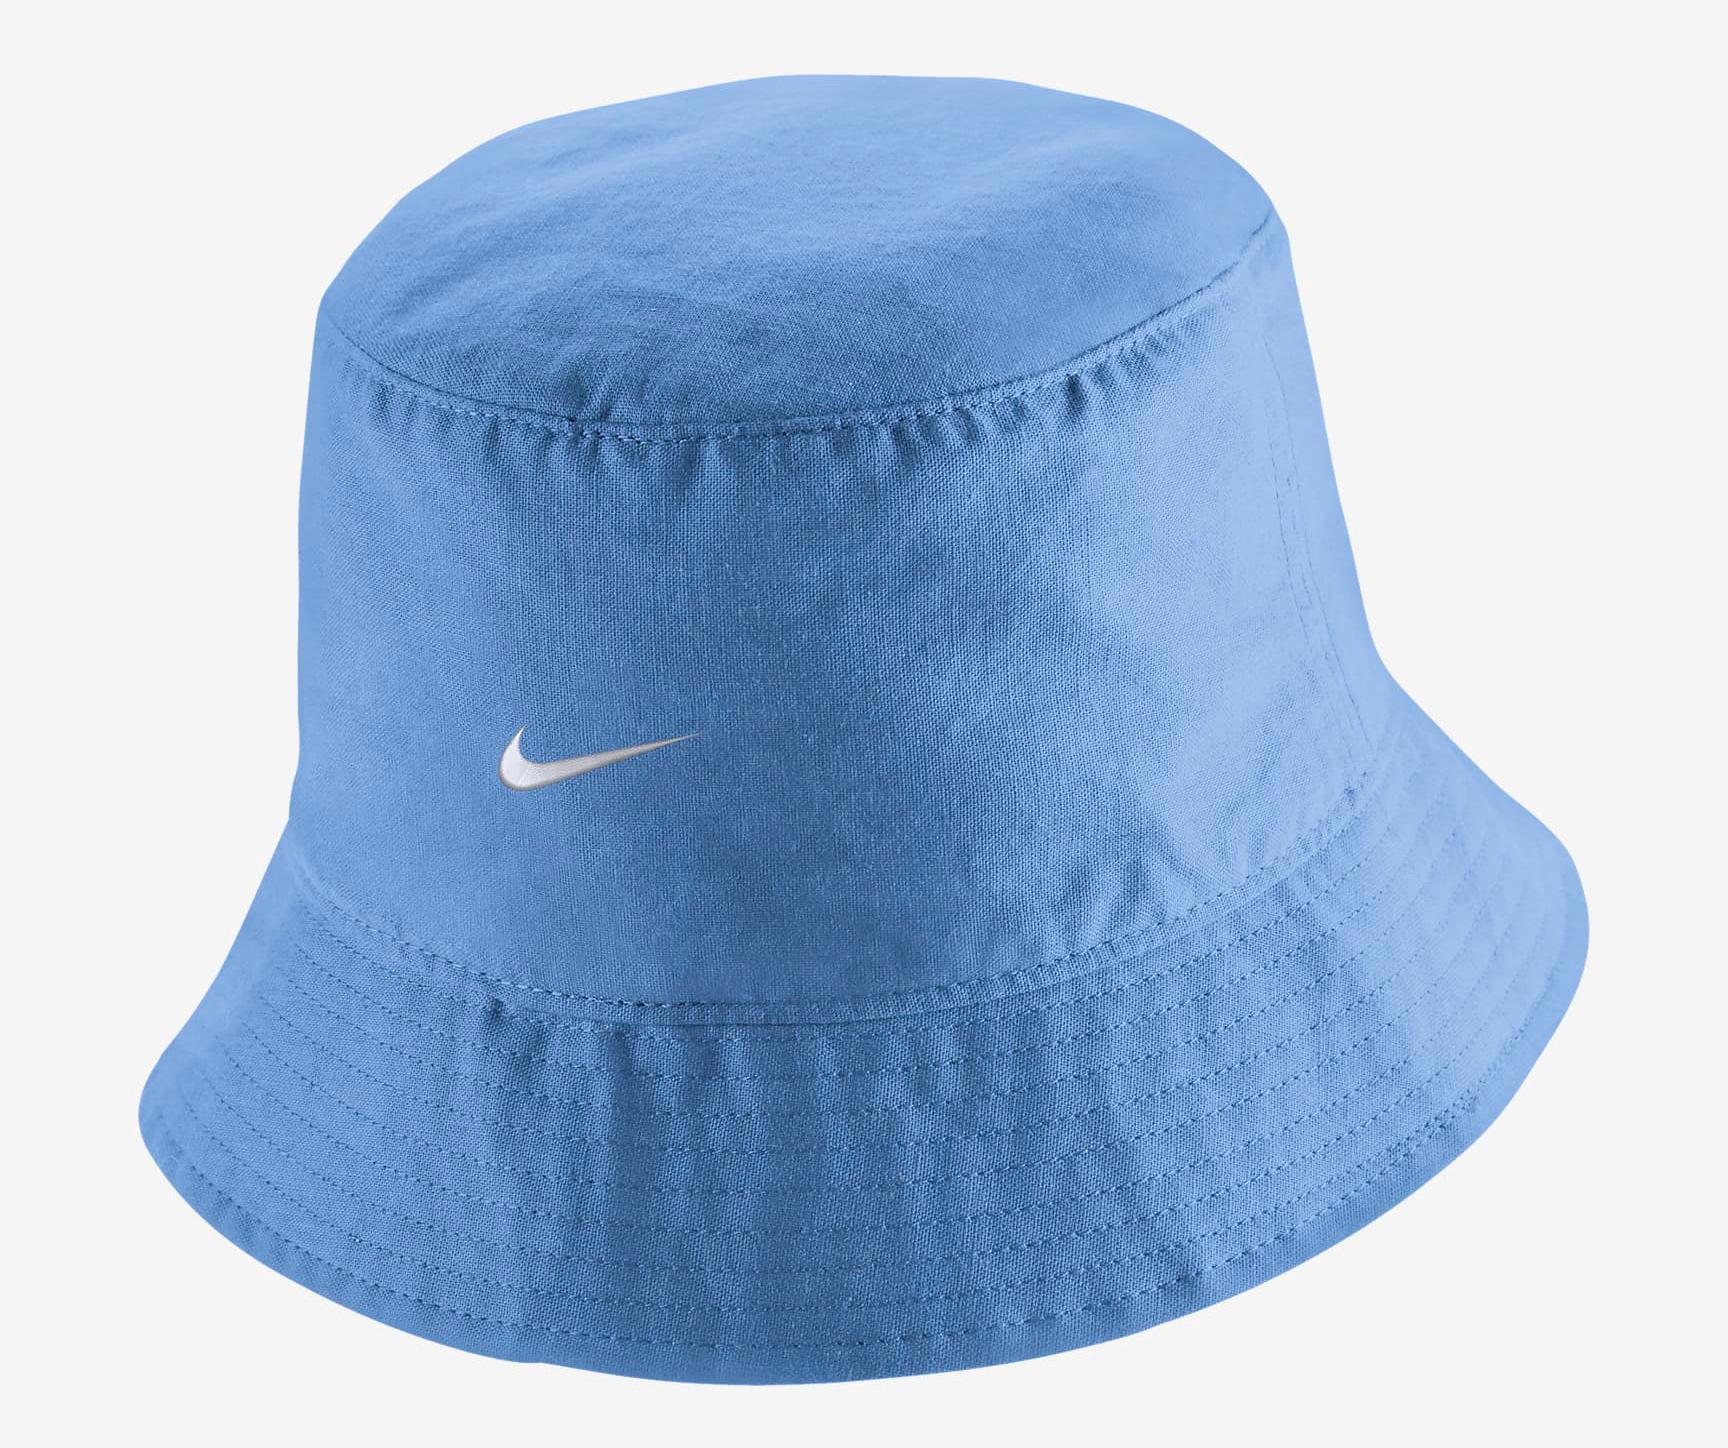 nike-unc-tar-heels-bucket-hat-2